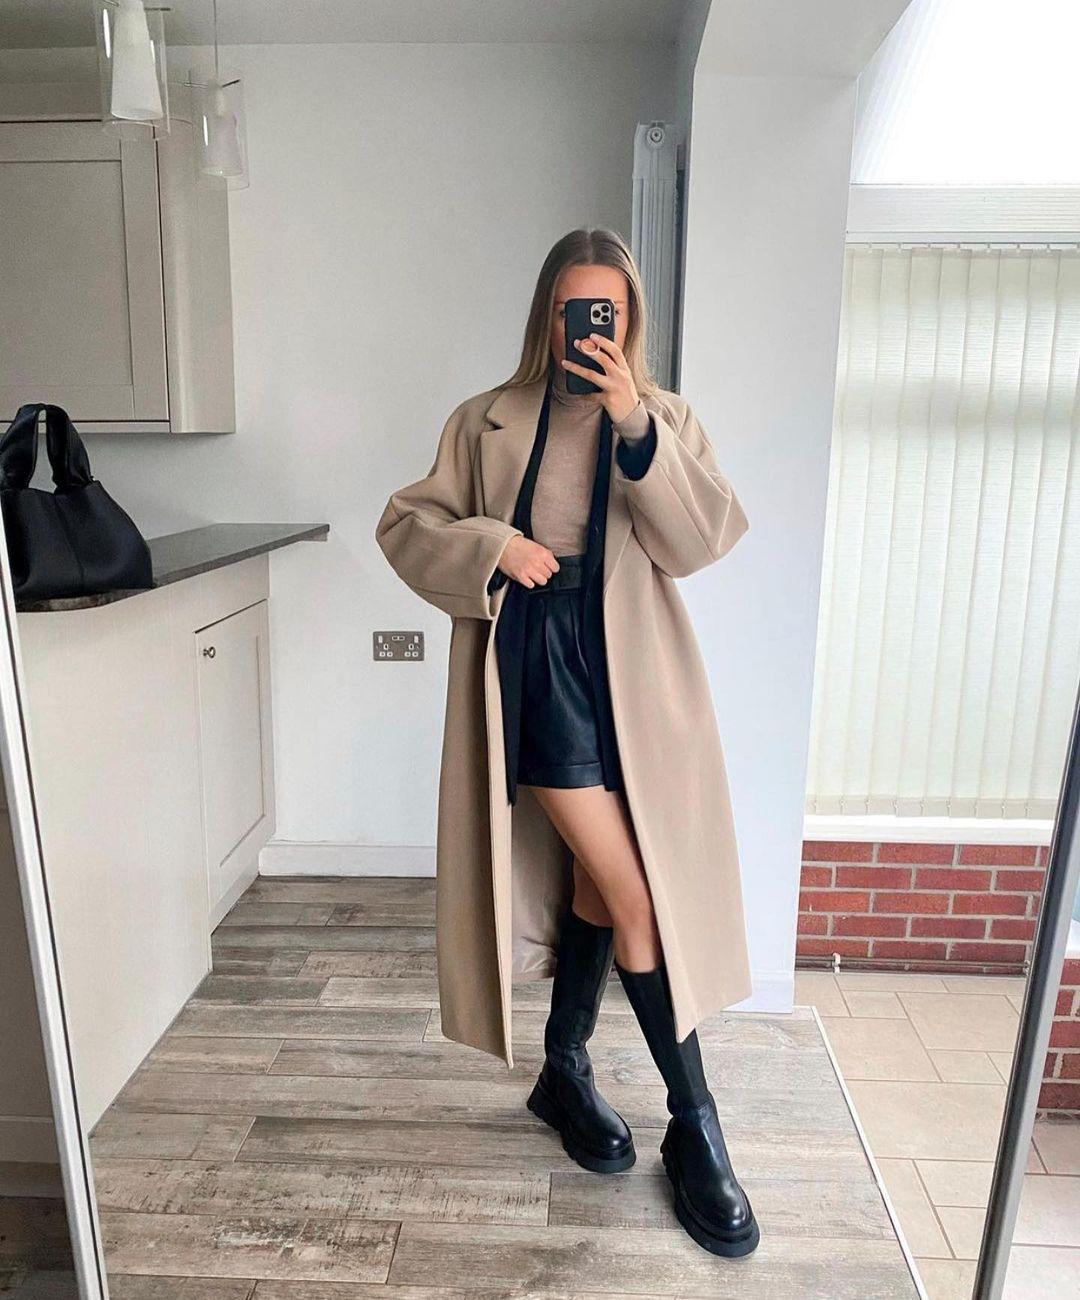 manteau avec col à revers de Zara sur zara.outfits